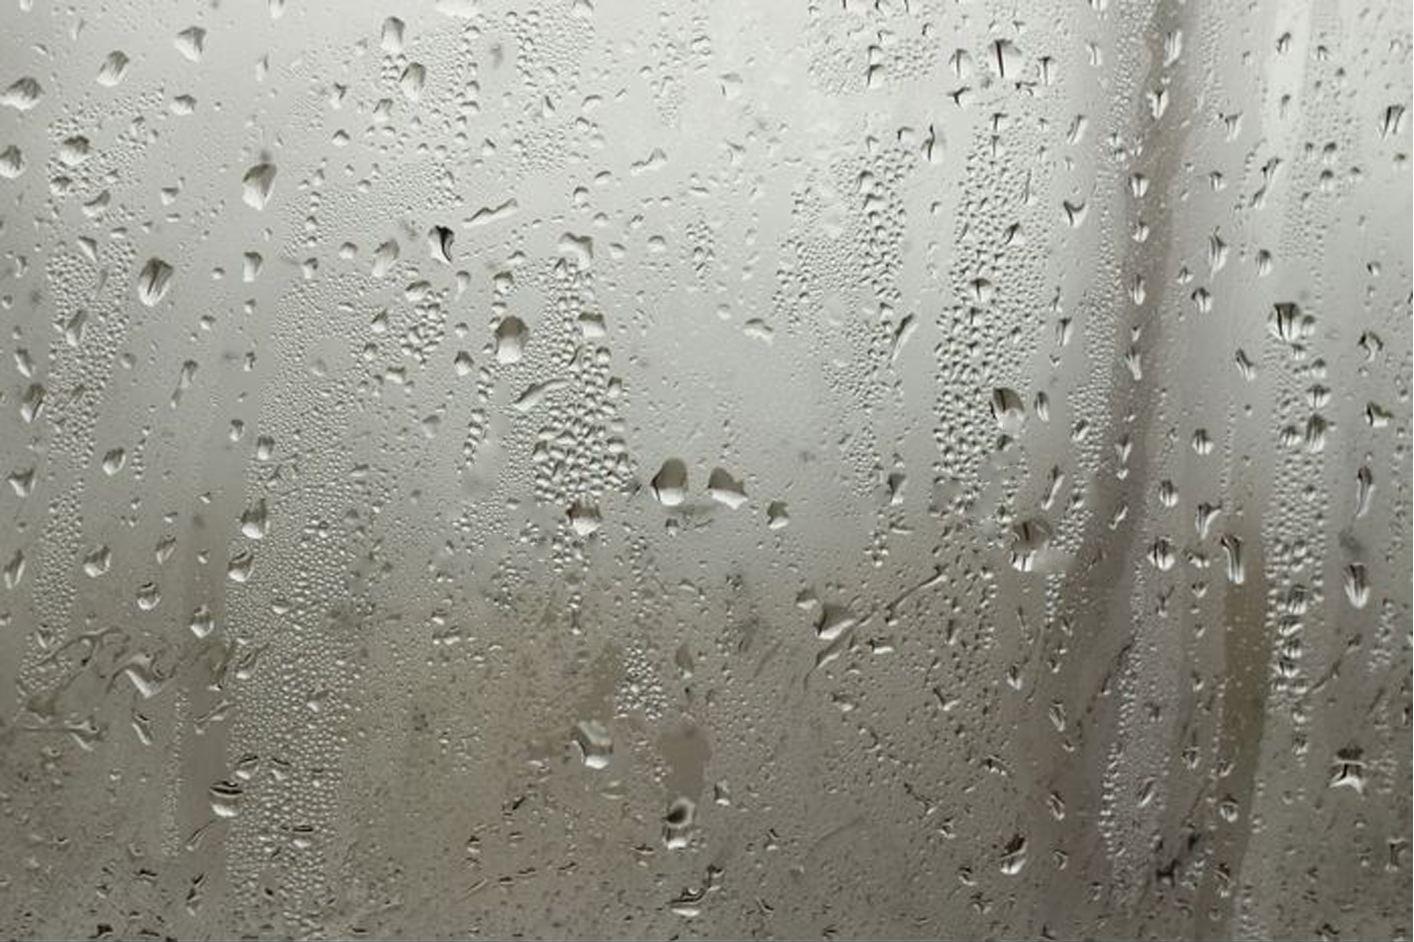 玻璃起霧原來是因為?